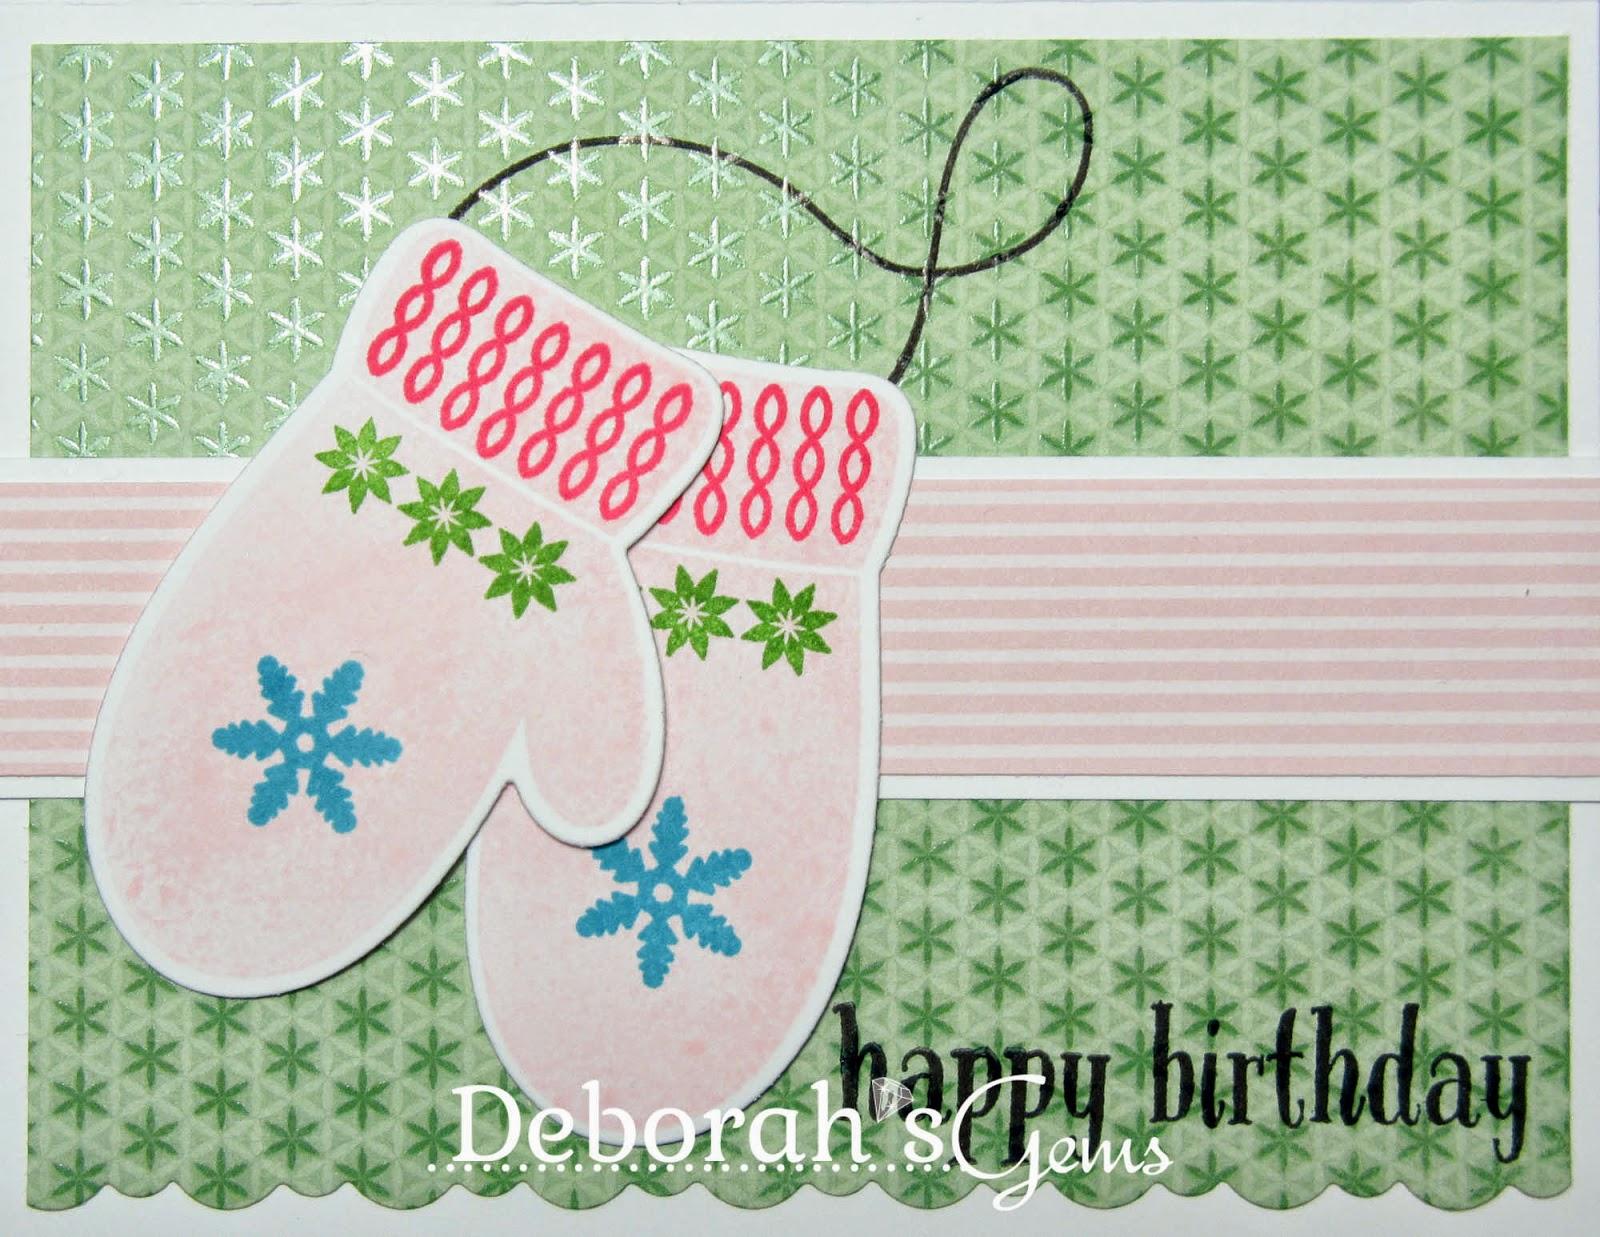 Winter Birthday - photo by Deborah Frings - Deborah's Gems